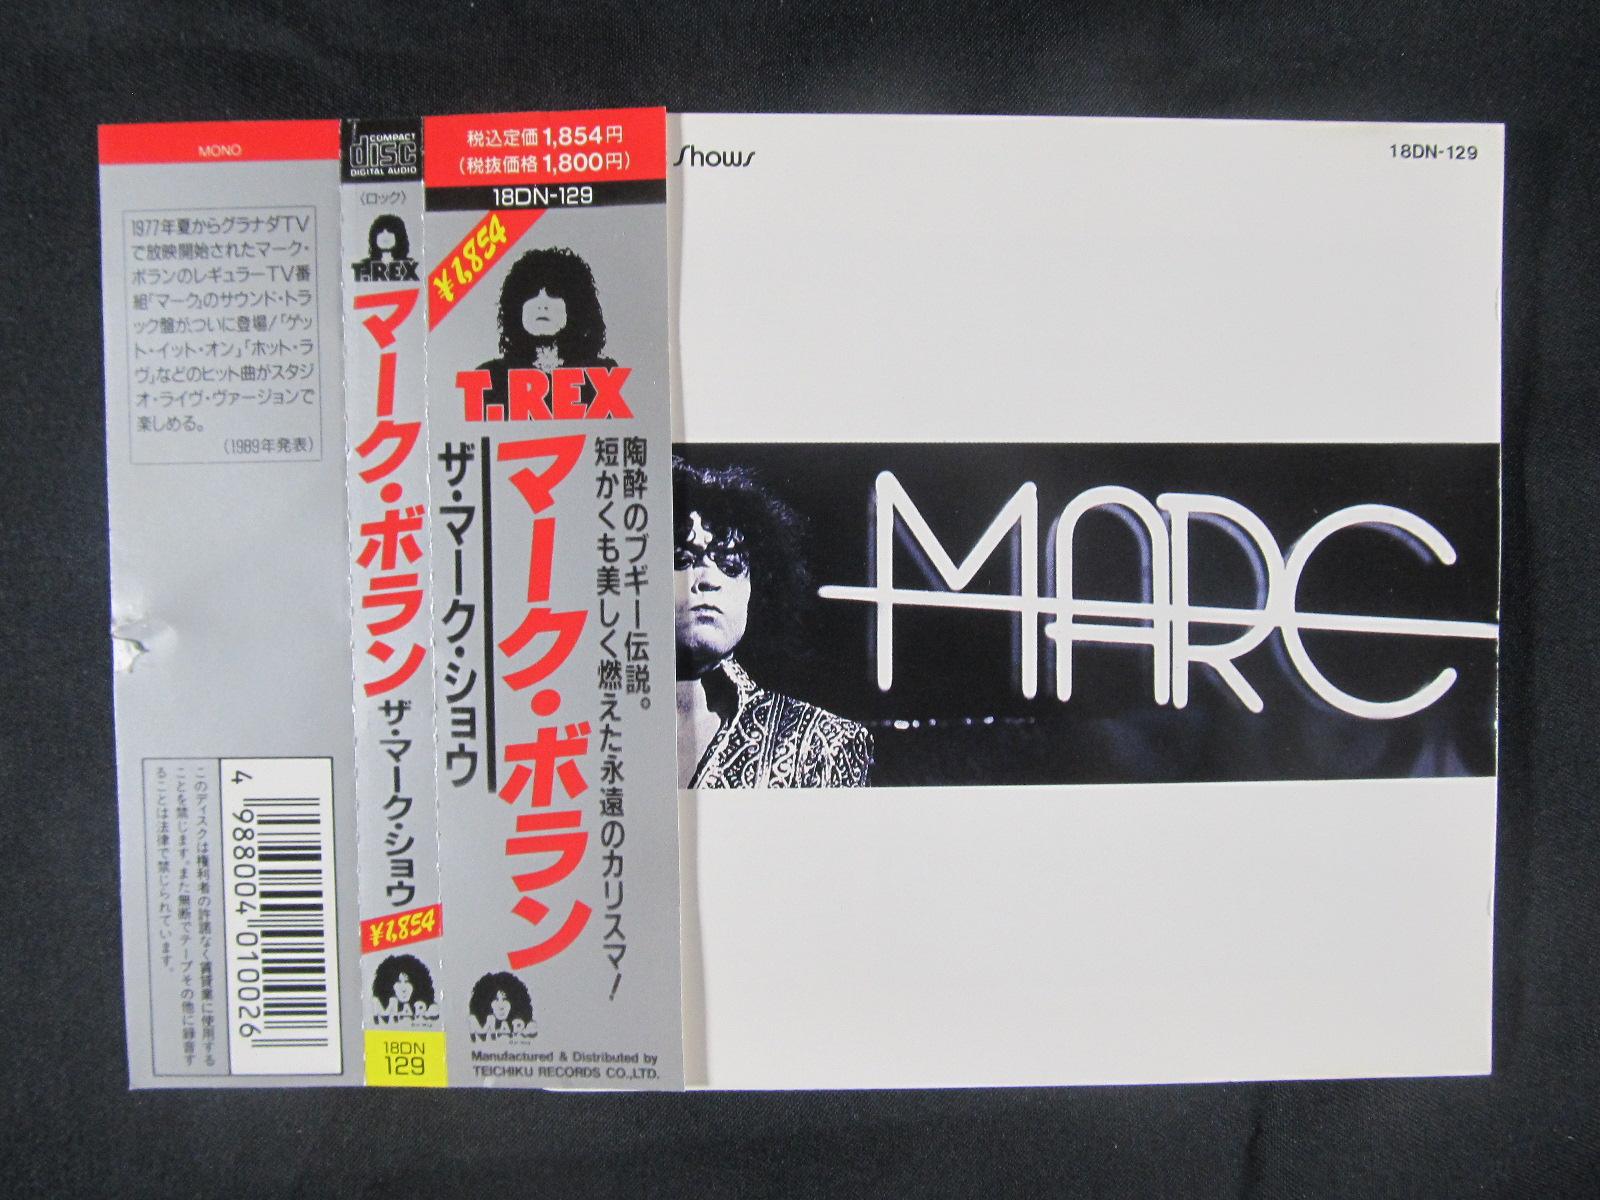 中古CD MARK BOLAN『THE MARC SHOWS』/マーク・ボラン『ザ・マーク・ショウ』画像